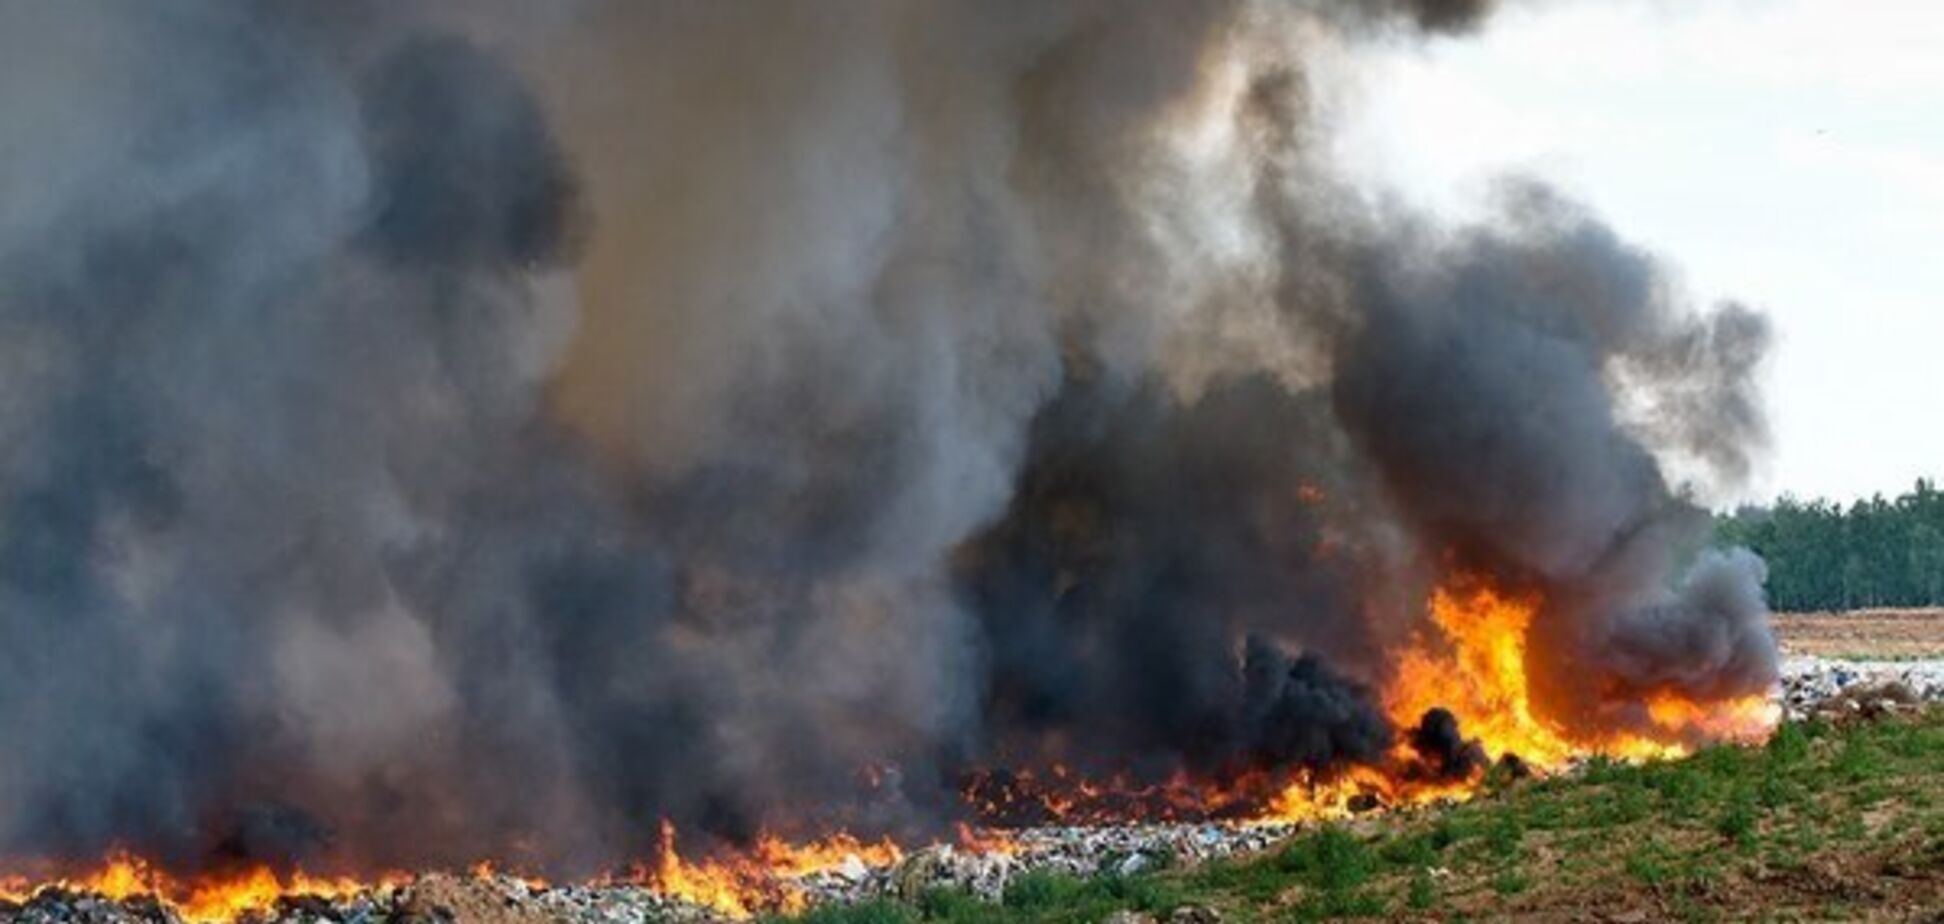 Пожар на полигоне (иллюстрация)